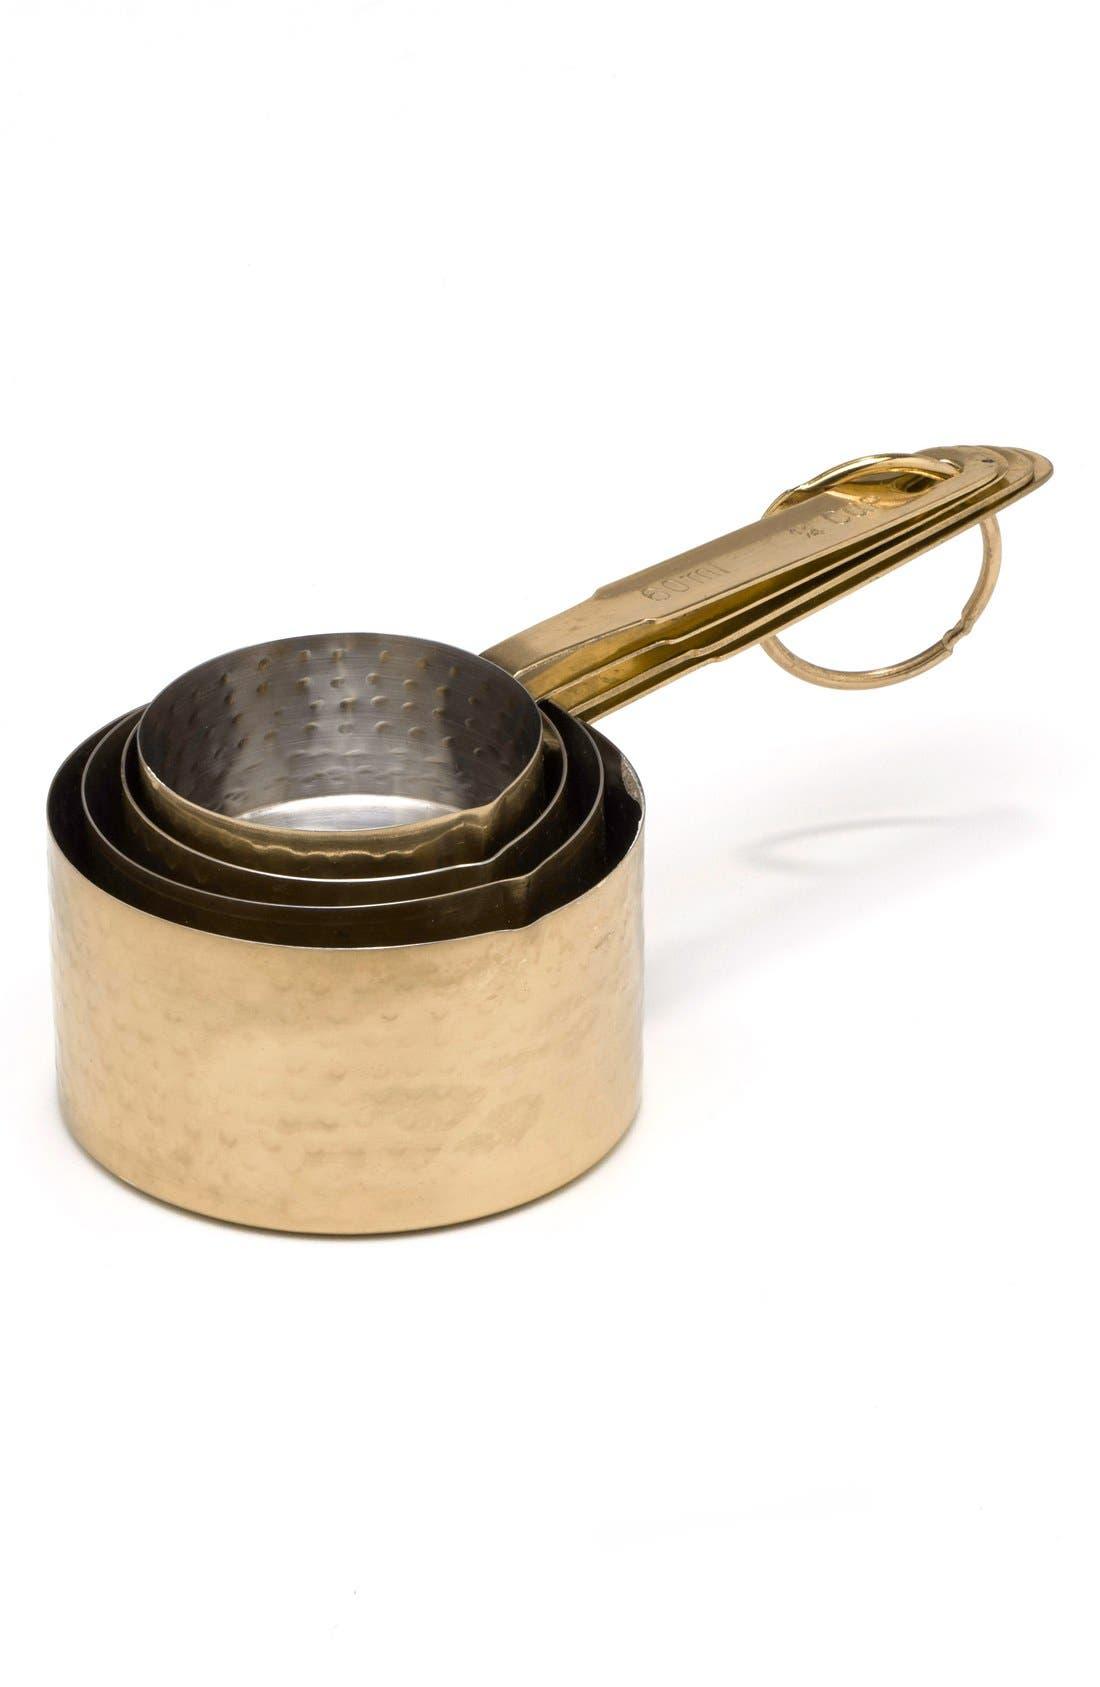 Alternate Image 1 Selected - Cambridge 4-Piece Measuring Cup Set